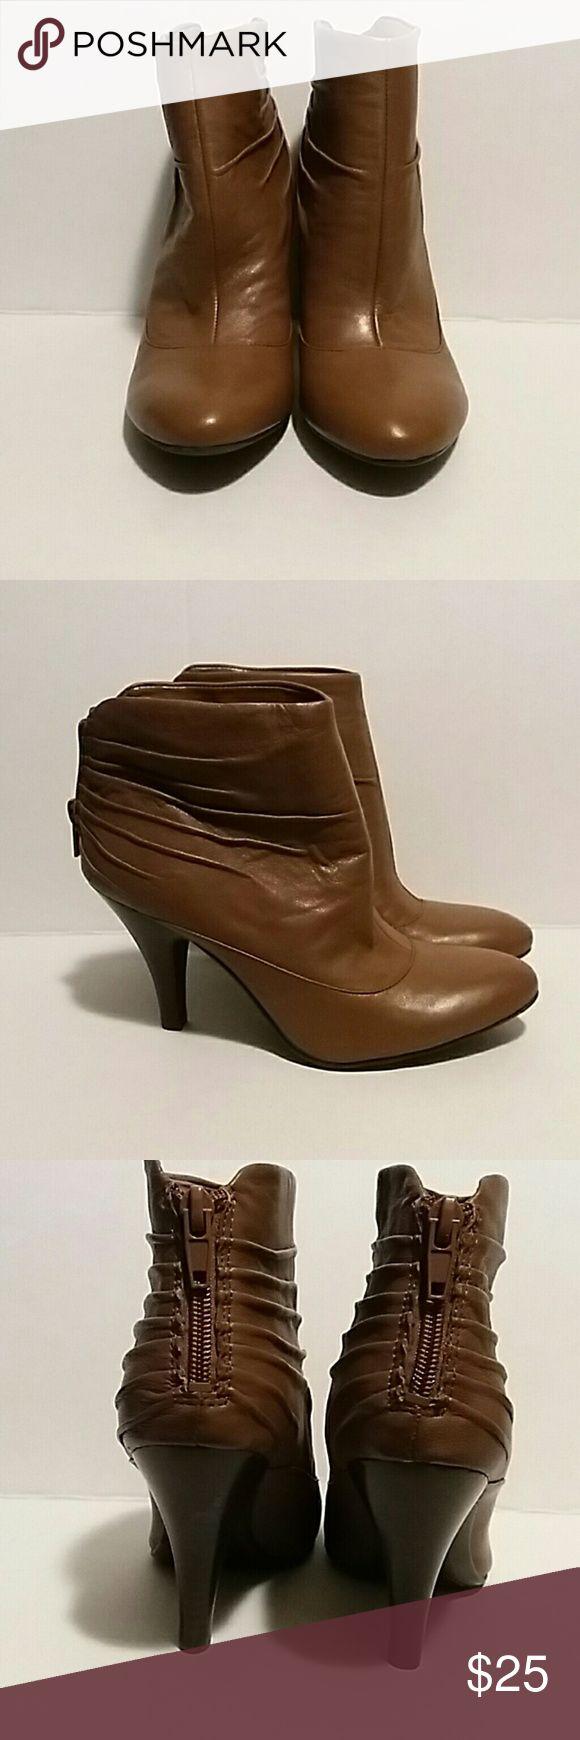 Nine West Beige Ankle Booties Nine West Beige Ankle Booties Nine West Shoes Ankle Boots & Booties